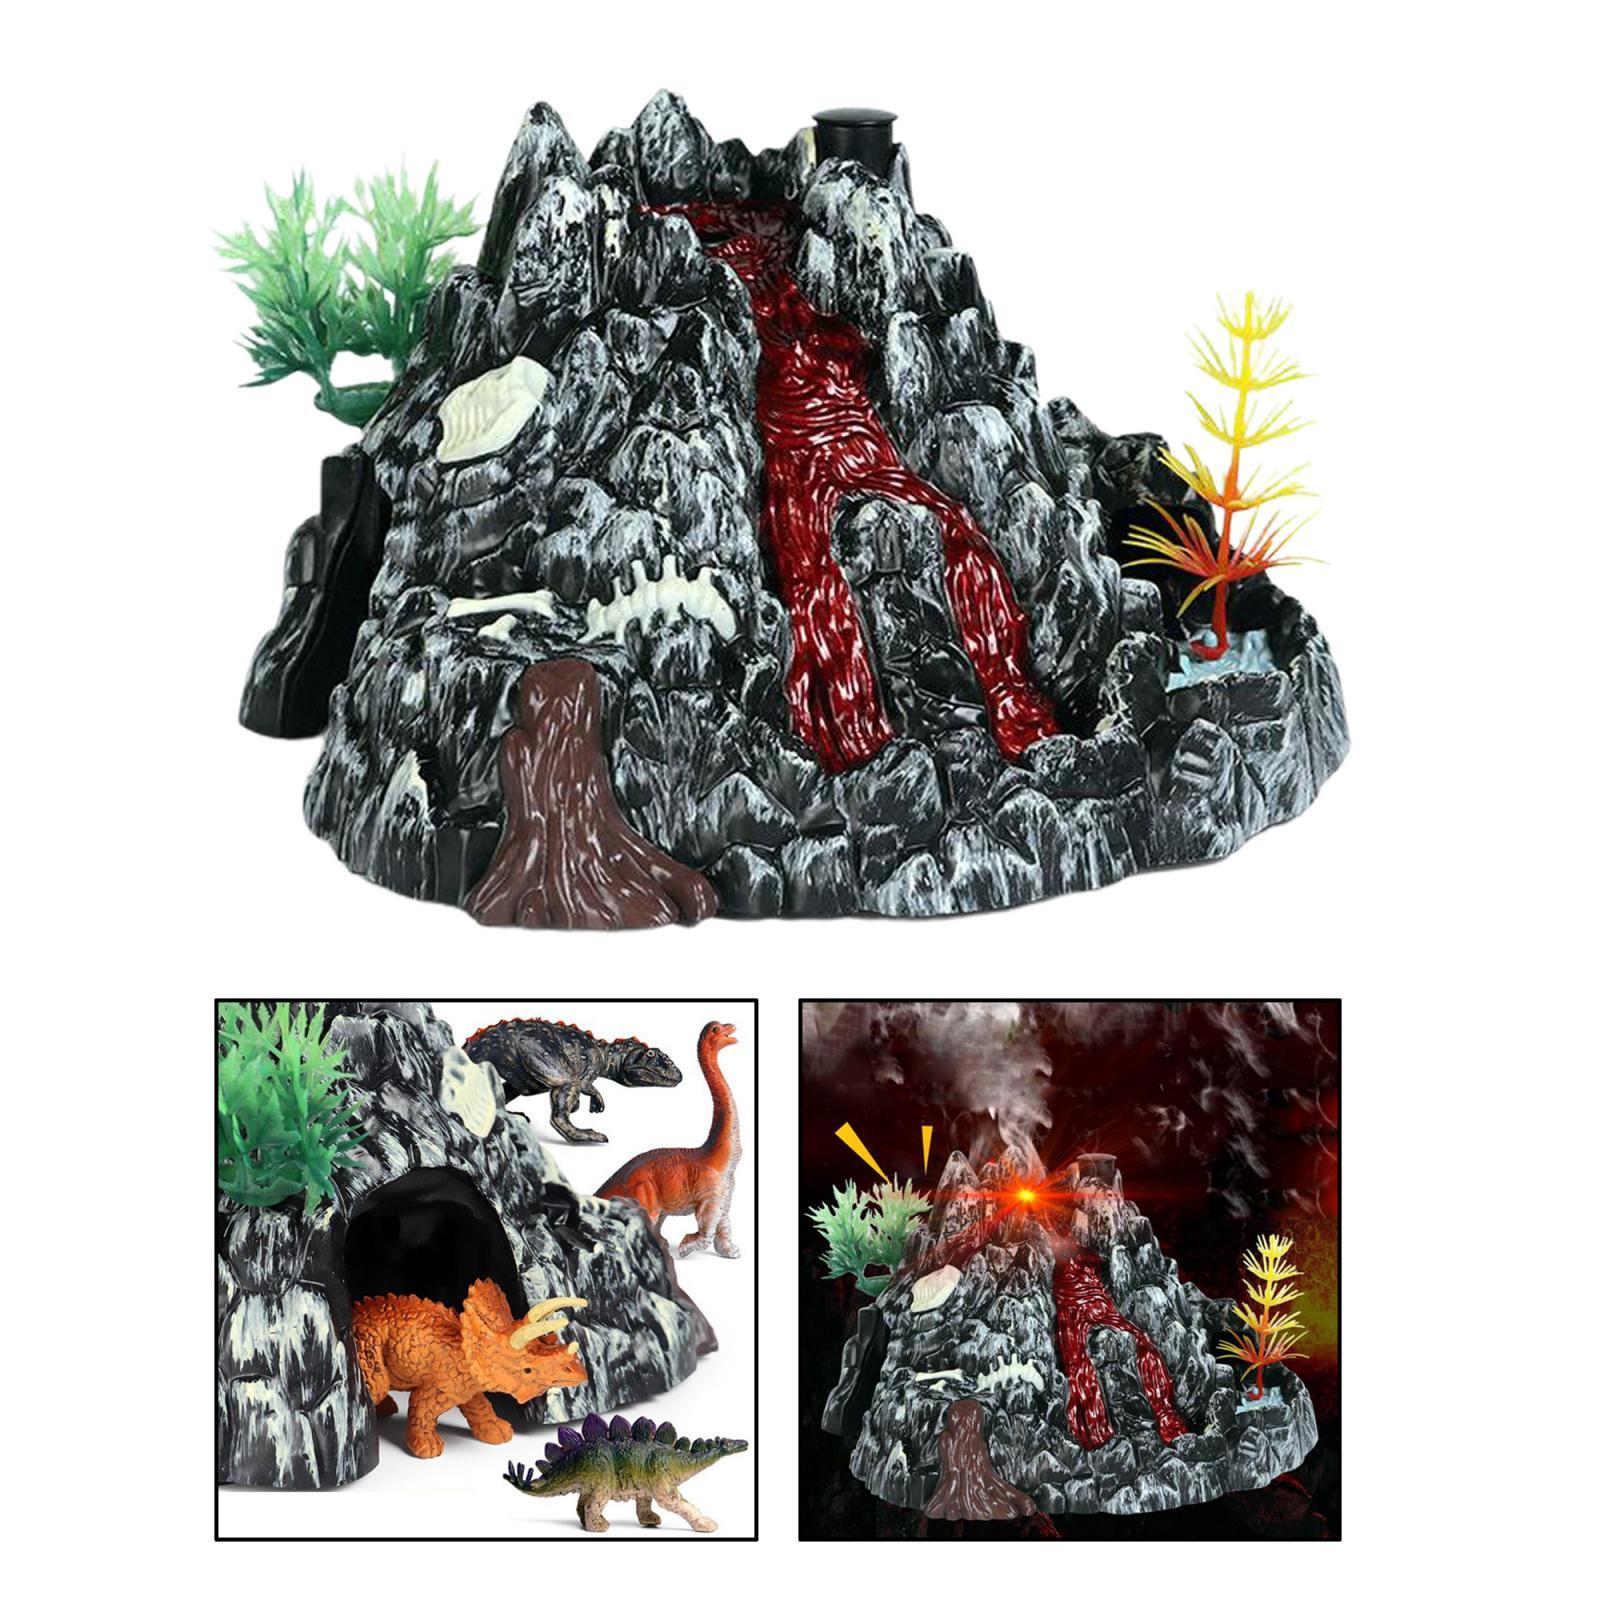 Simulation Volcano Modell Spray Licht Dinosaurier Sound Modell Spielzeug Zubehör Wissenschaft Natur Spielzeug